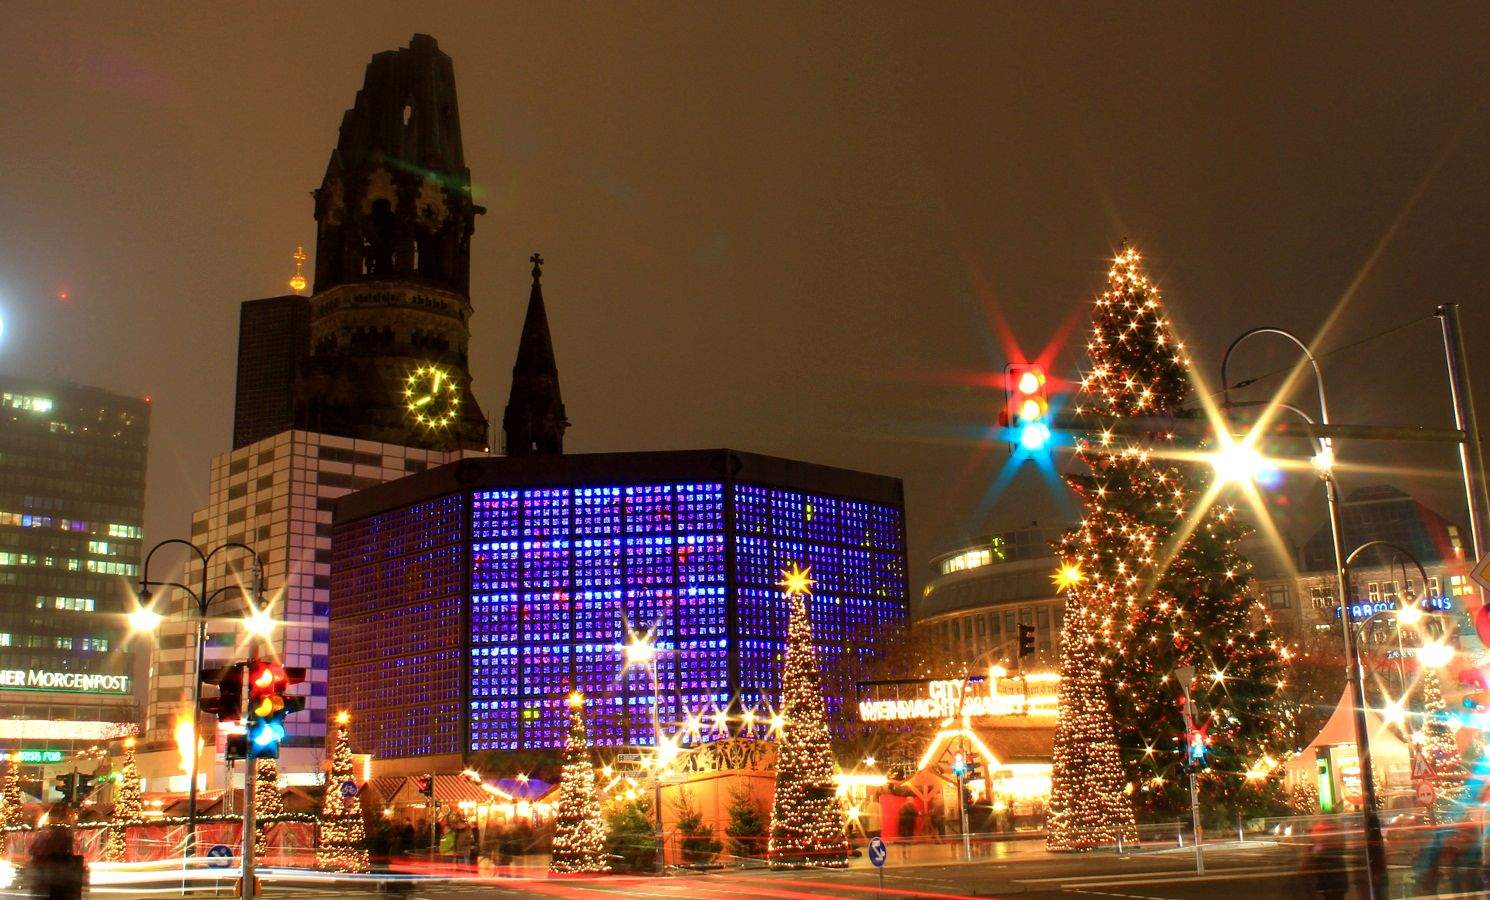 Zoologischer Garten Berlin Einzigartig Berliner Weihnachtsmarkt An Der Gedächtniskirche Berlin